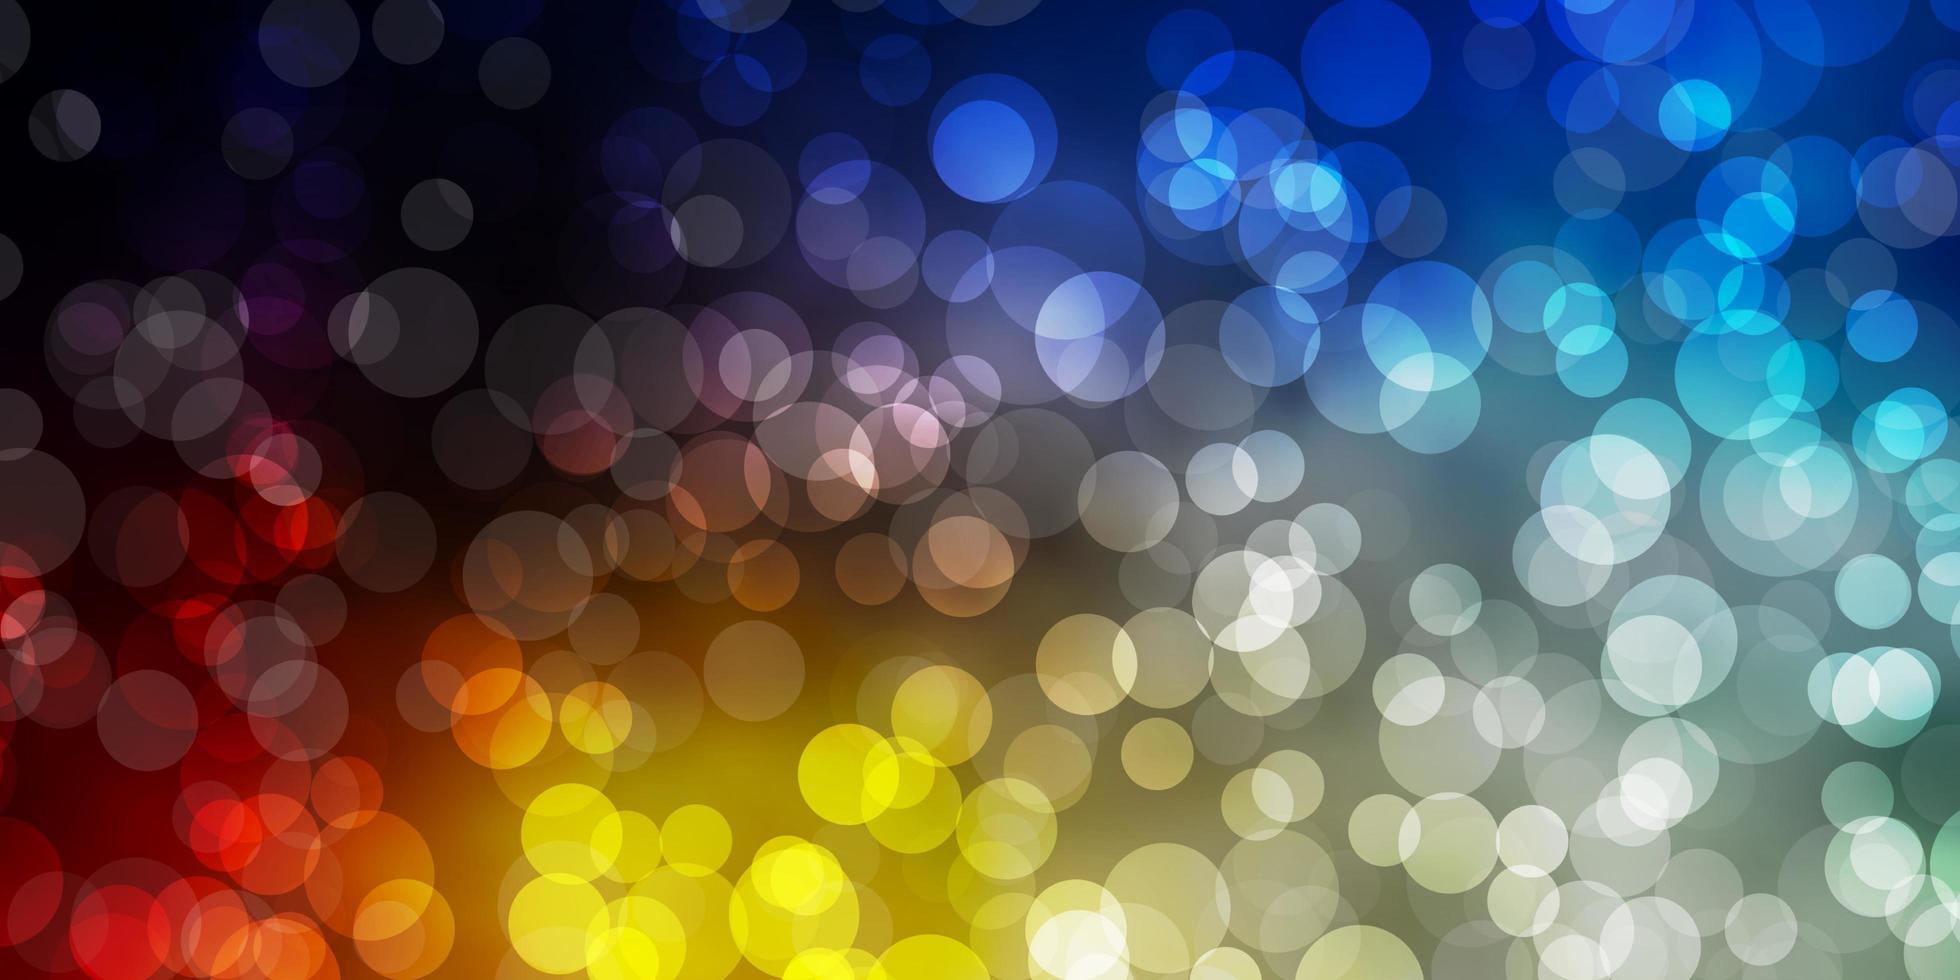 sfondo azzurro, giallo con punti. vettore